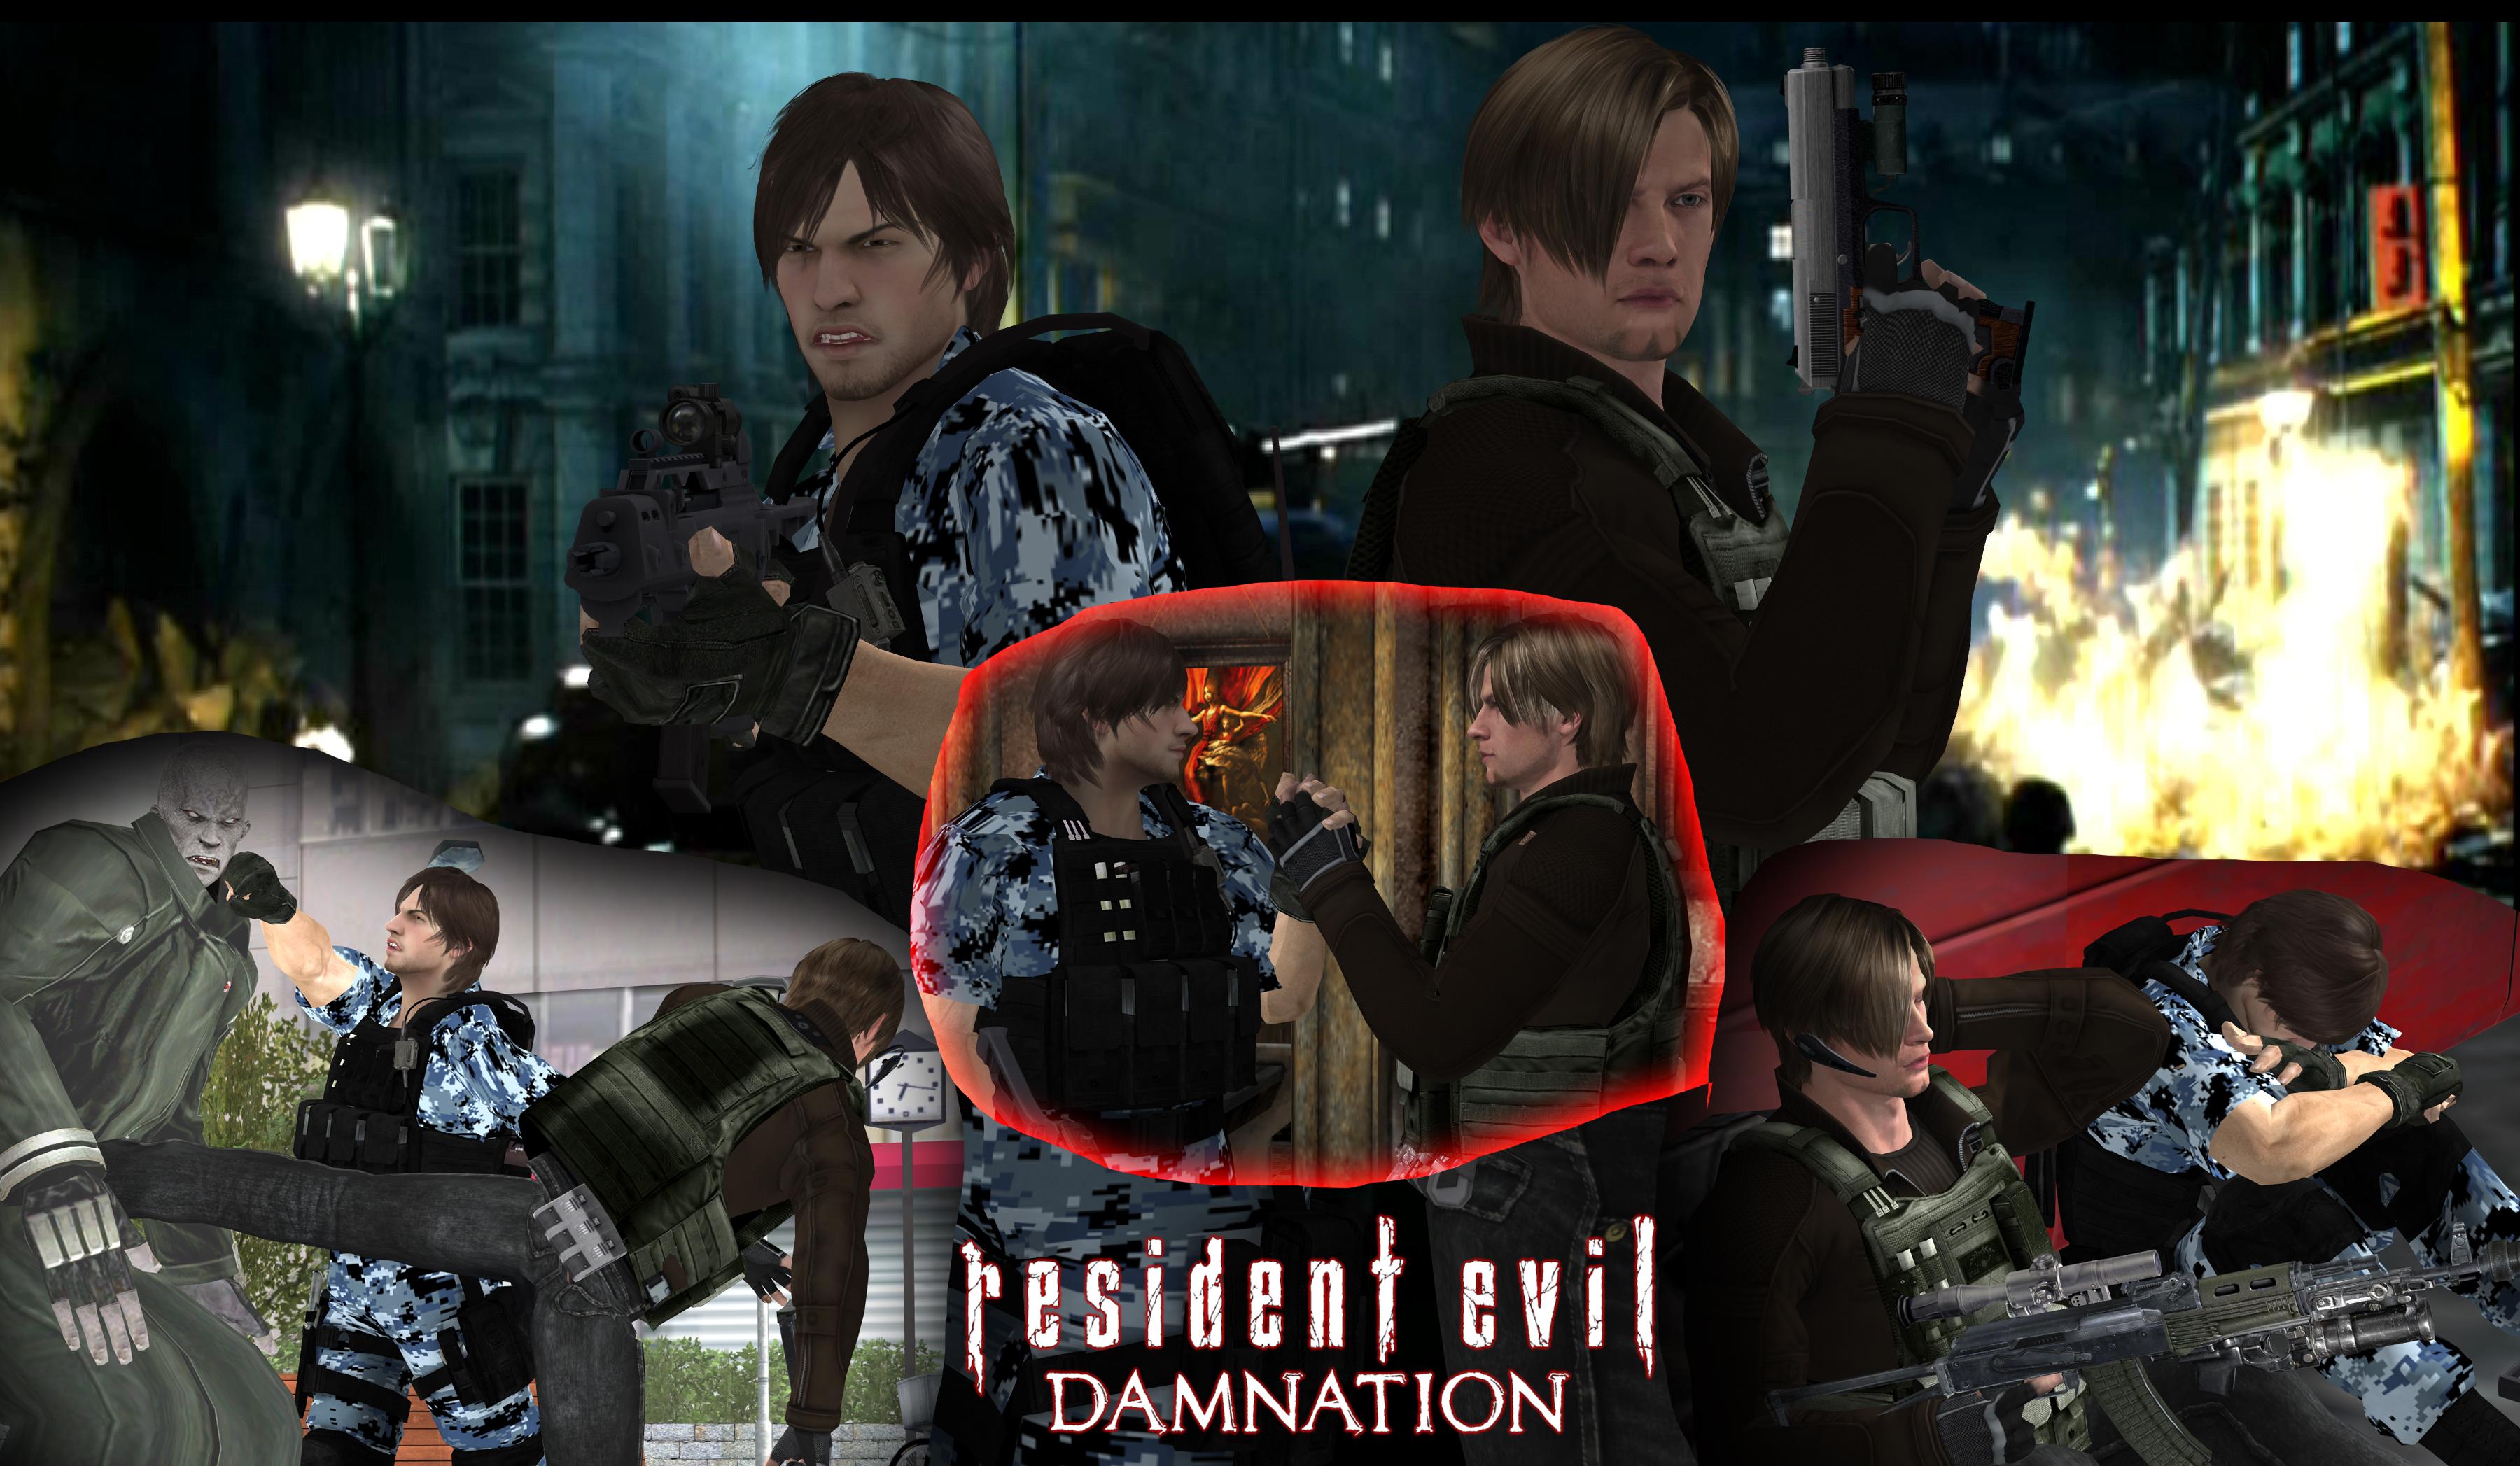 Resident Evil Damnation Wallpapers Movie Hq Resident Evil